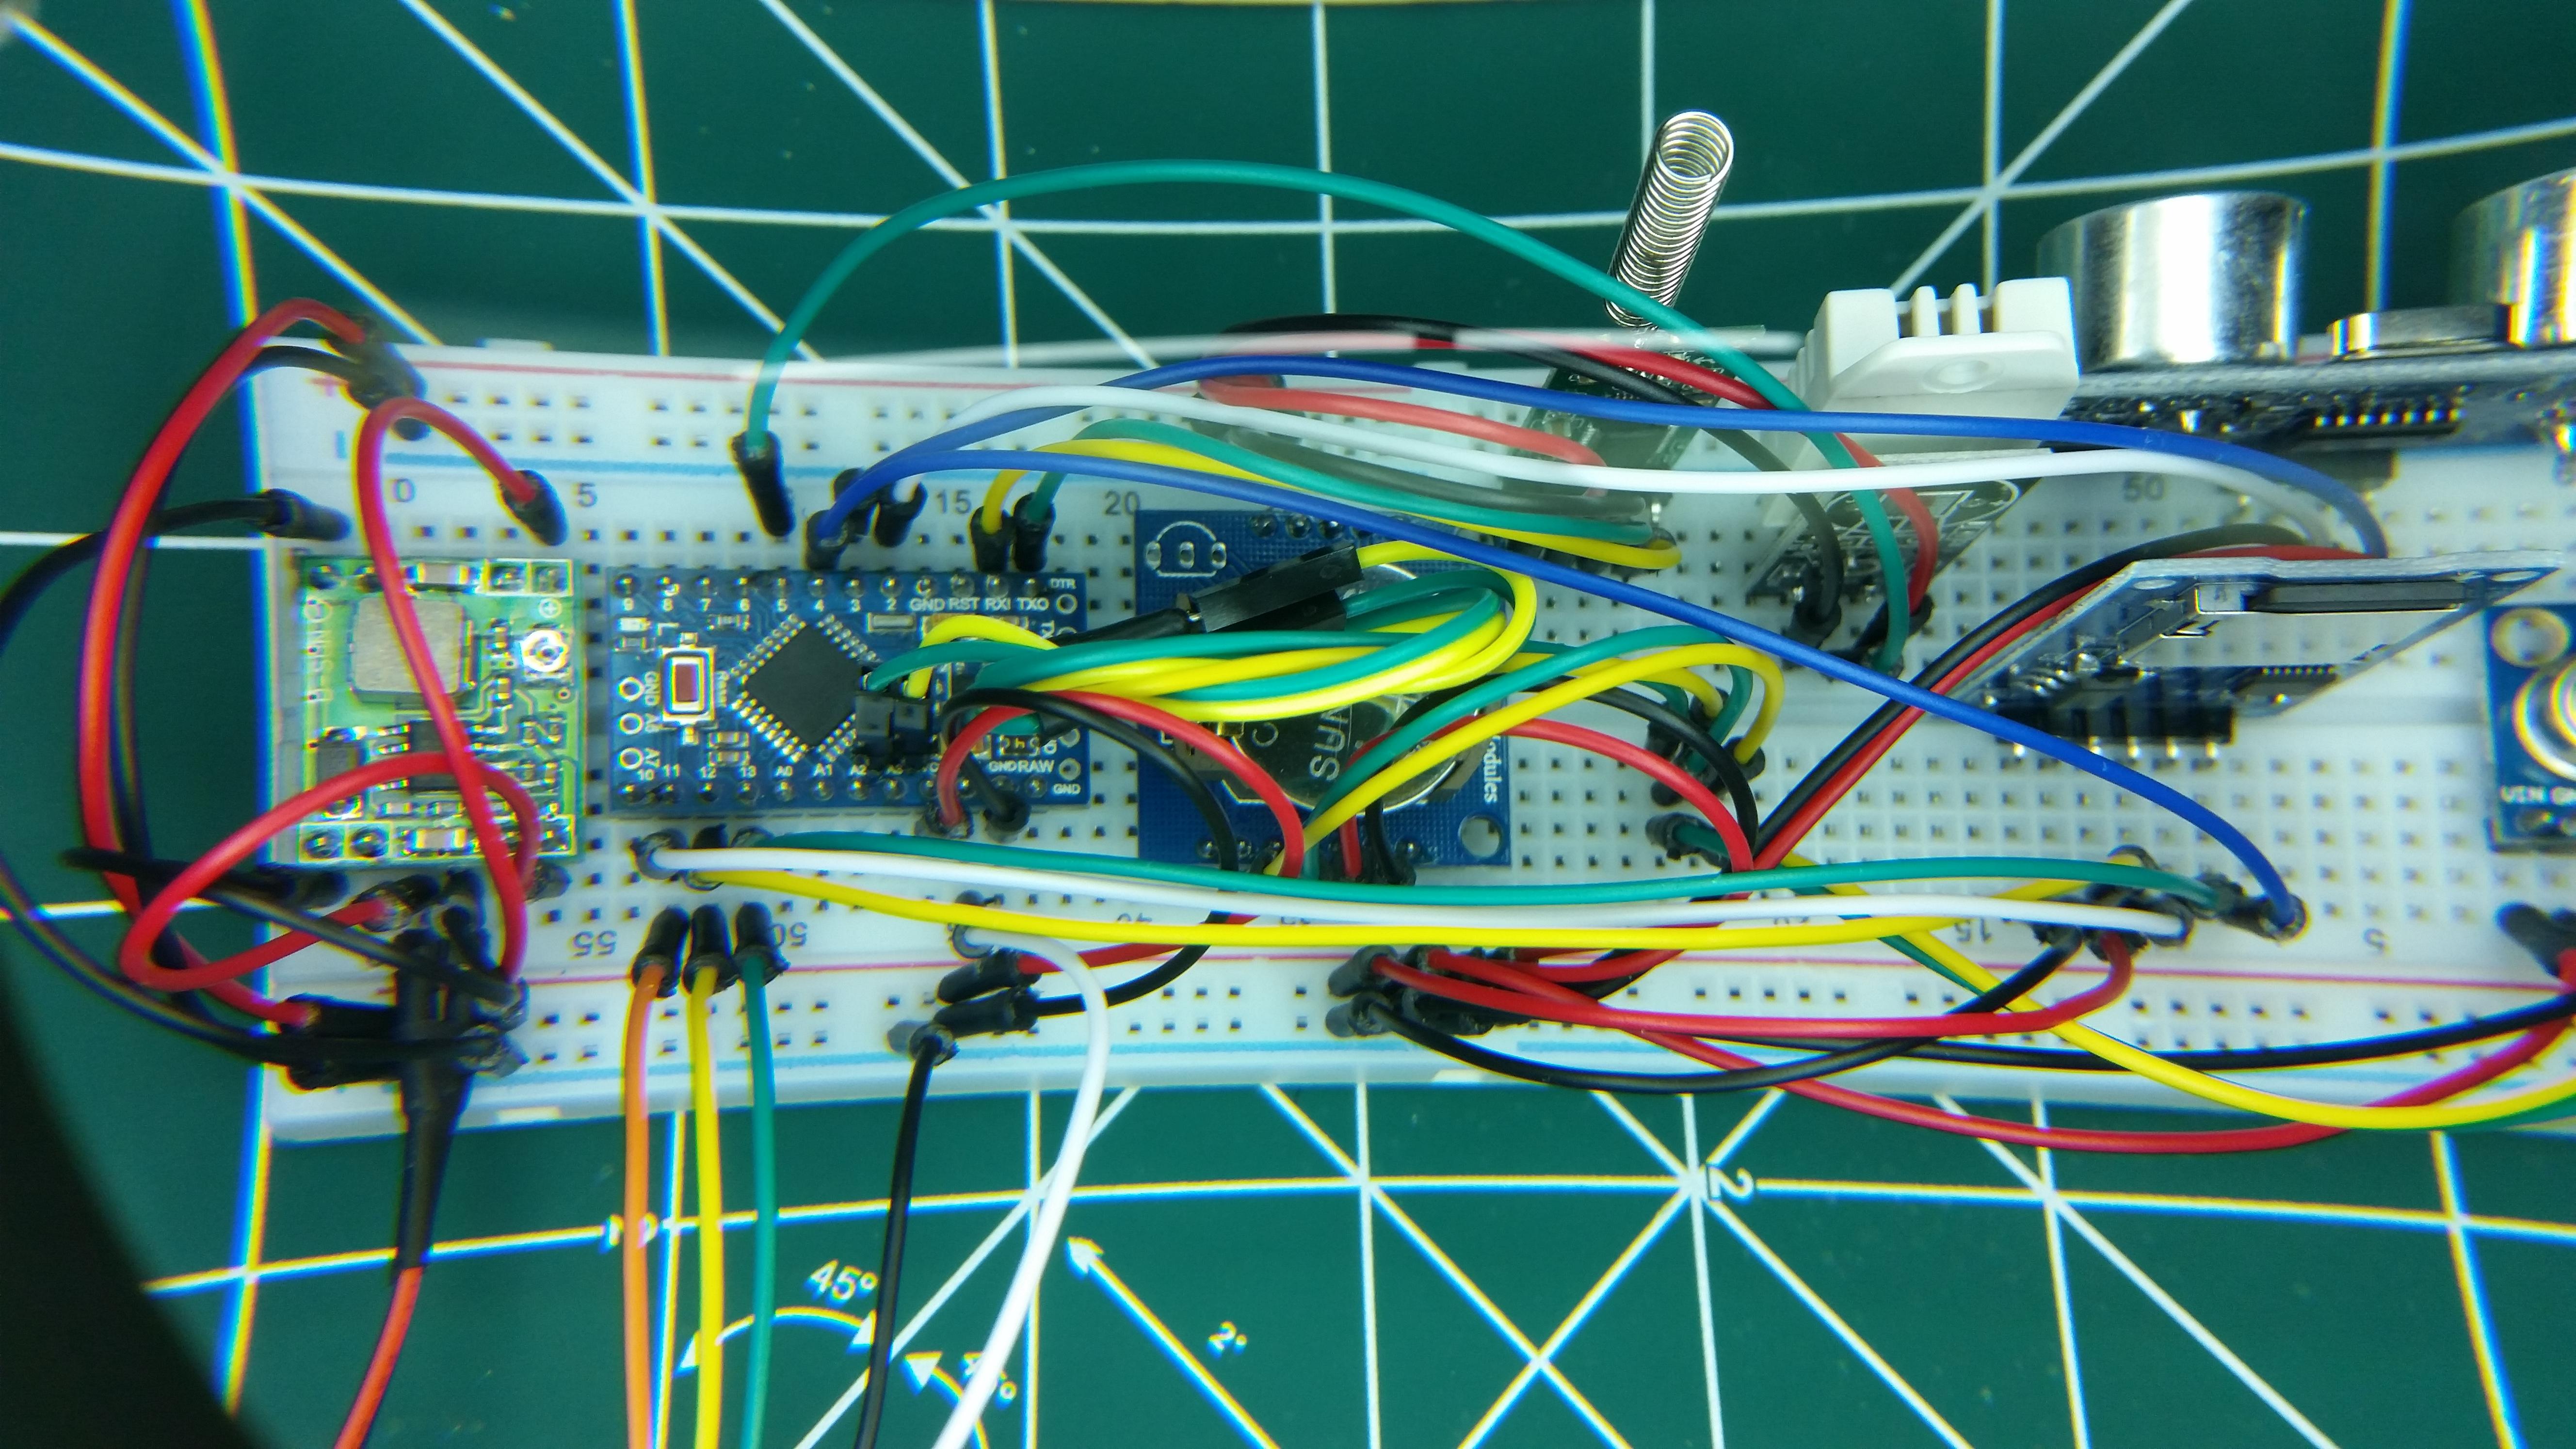 Testes de sensores